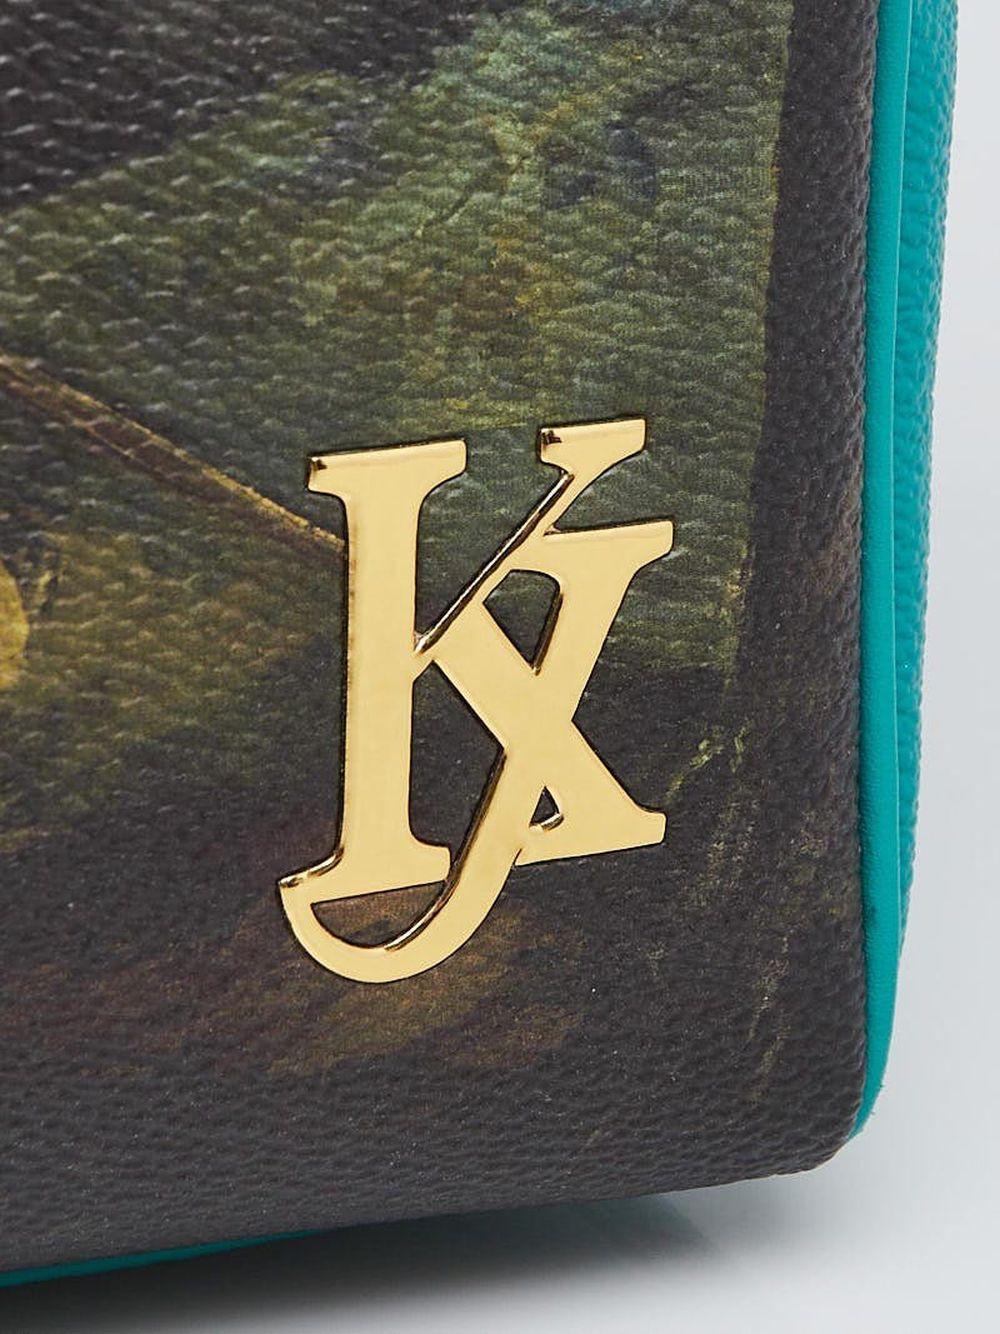 Louis Vuitton - Jeff Koons